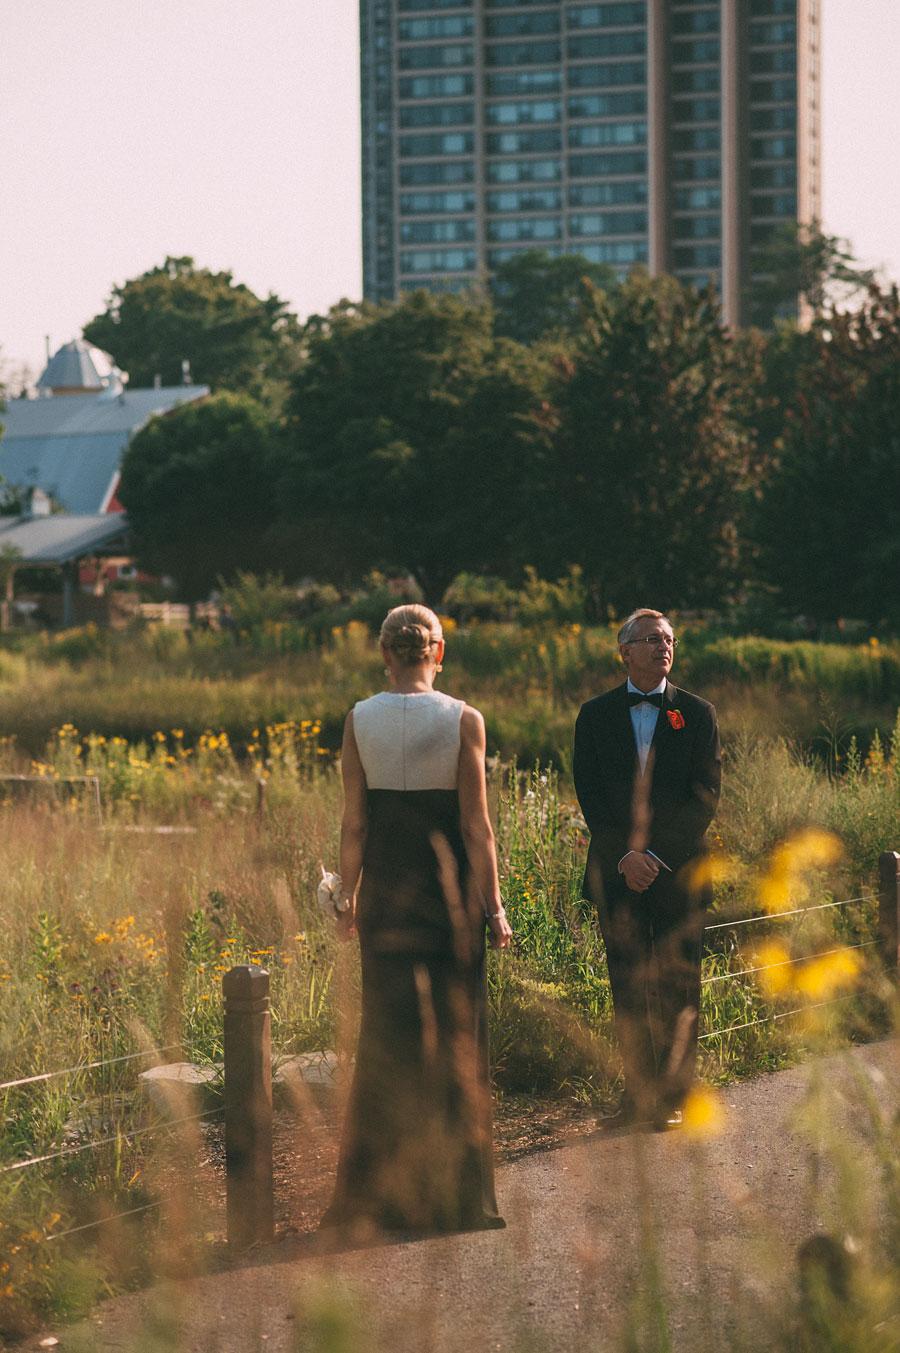 chicagowedding_cafebrauerwedding_bytheimageisfound_0103.jpg